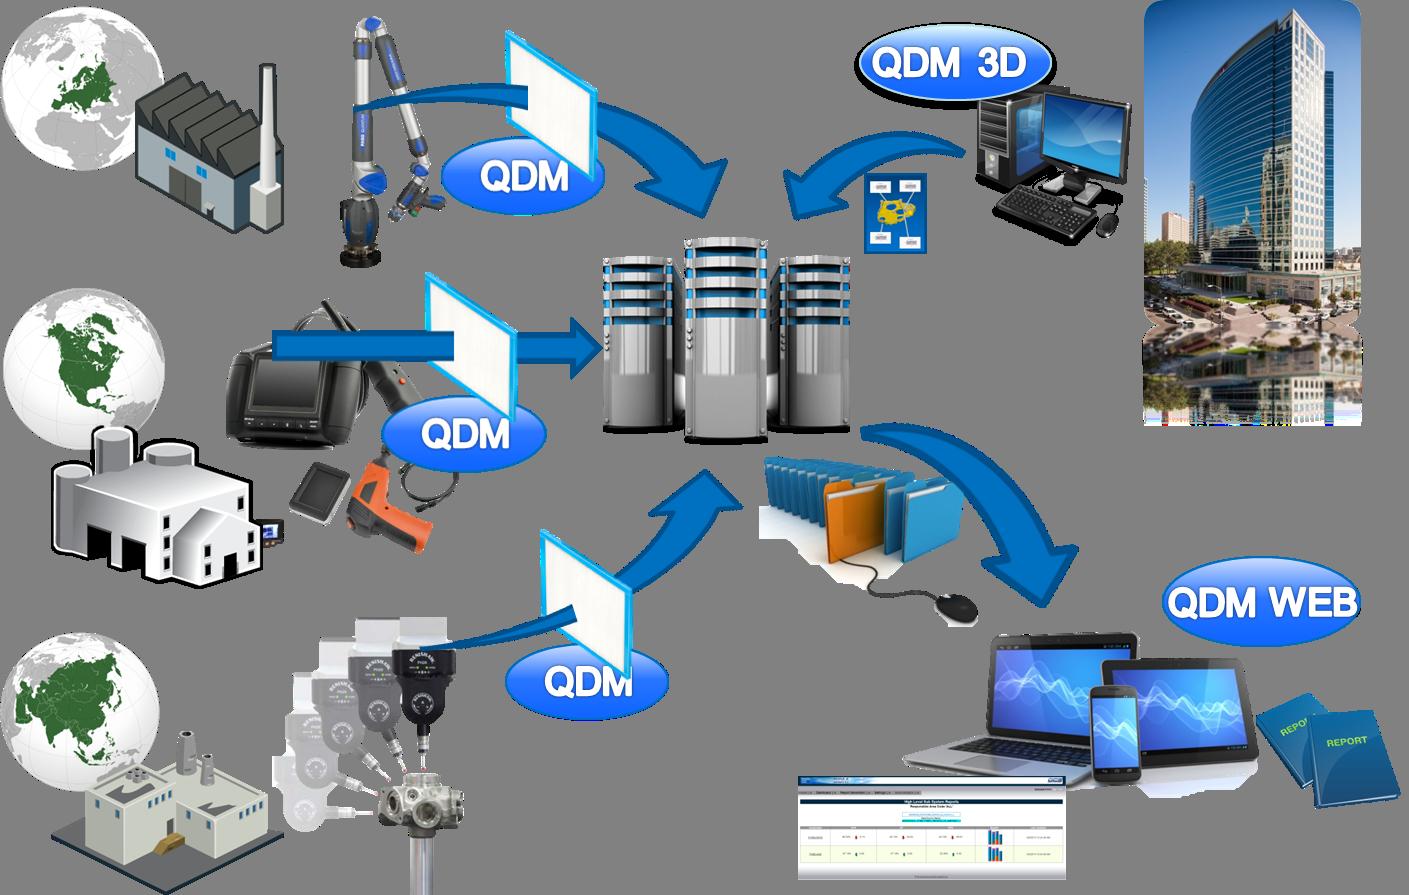 QDM Connects Global Enterprise